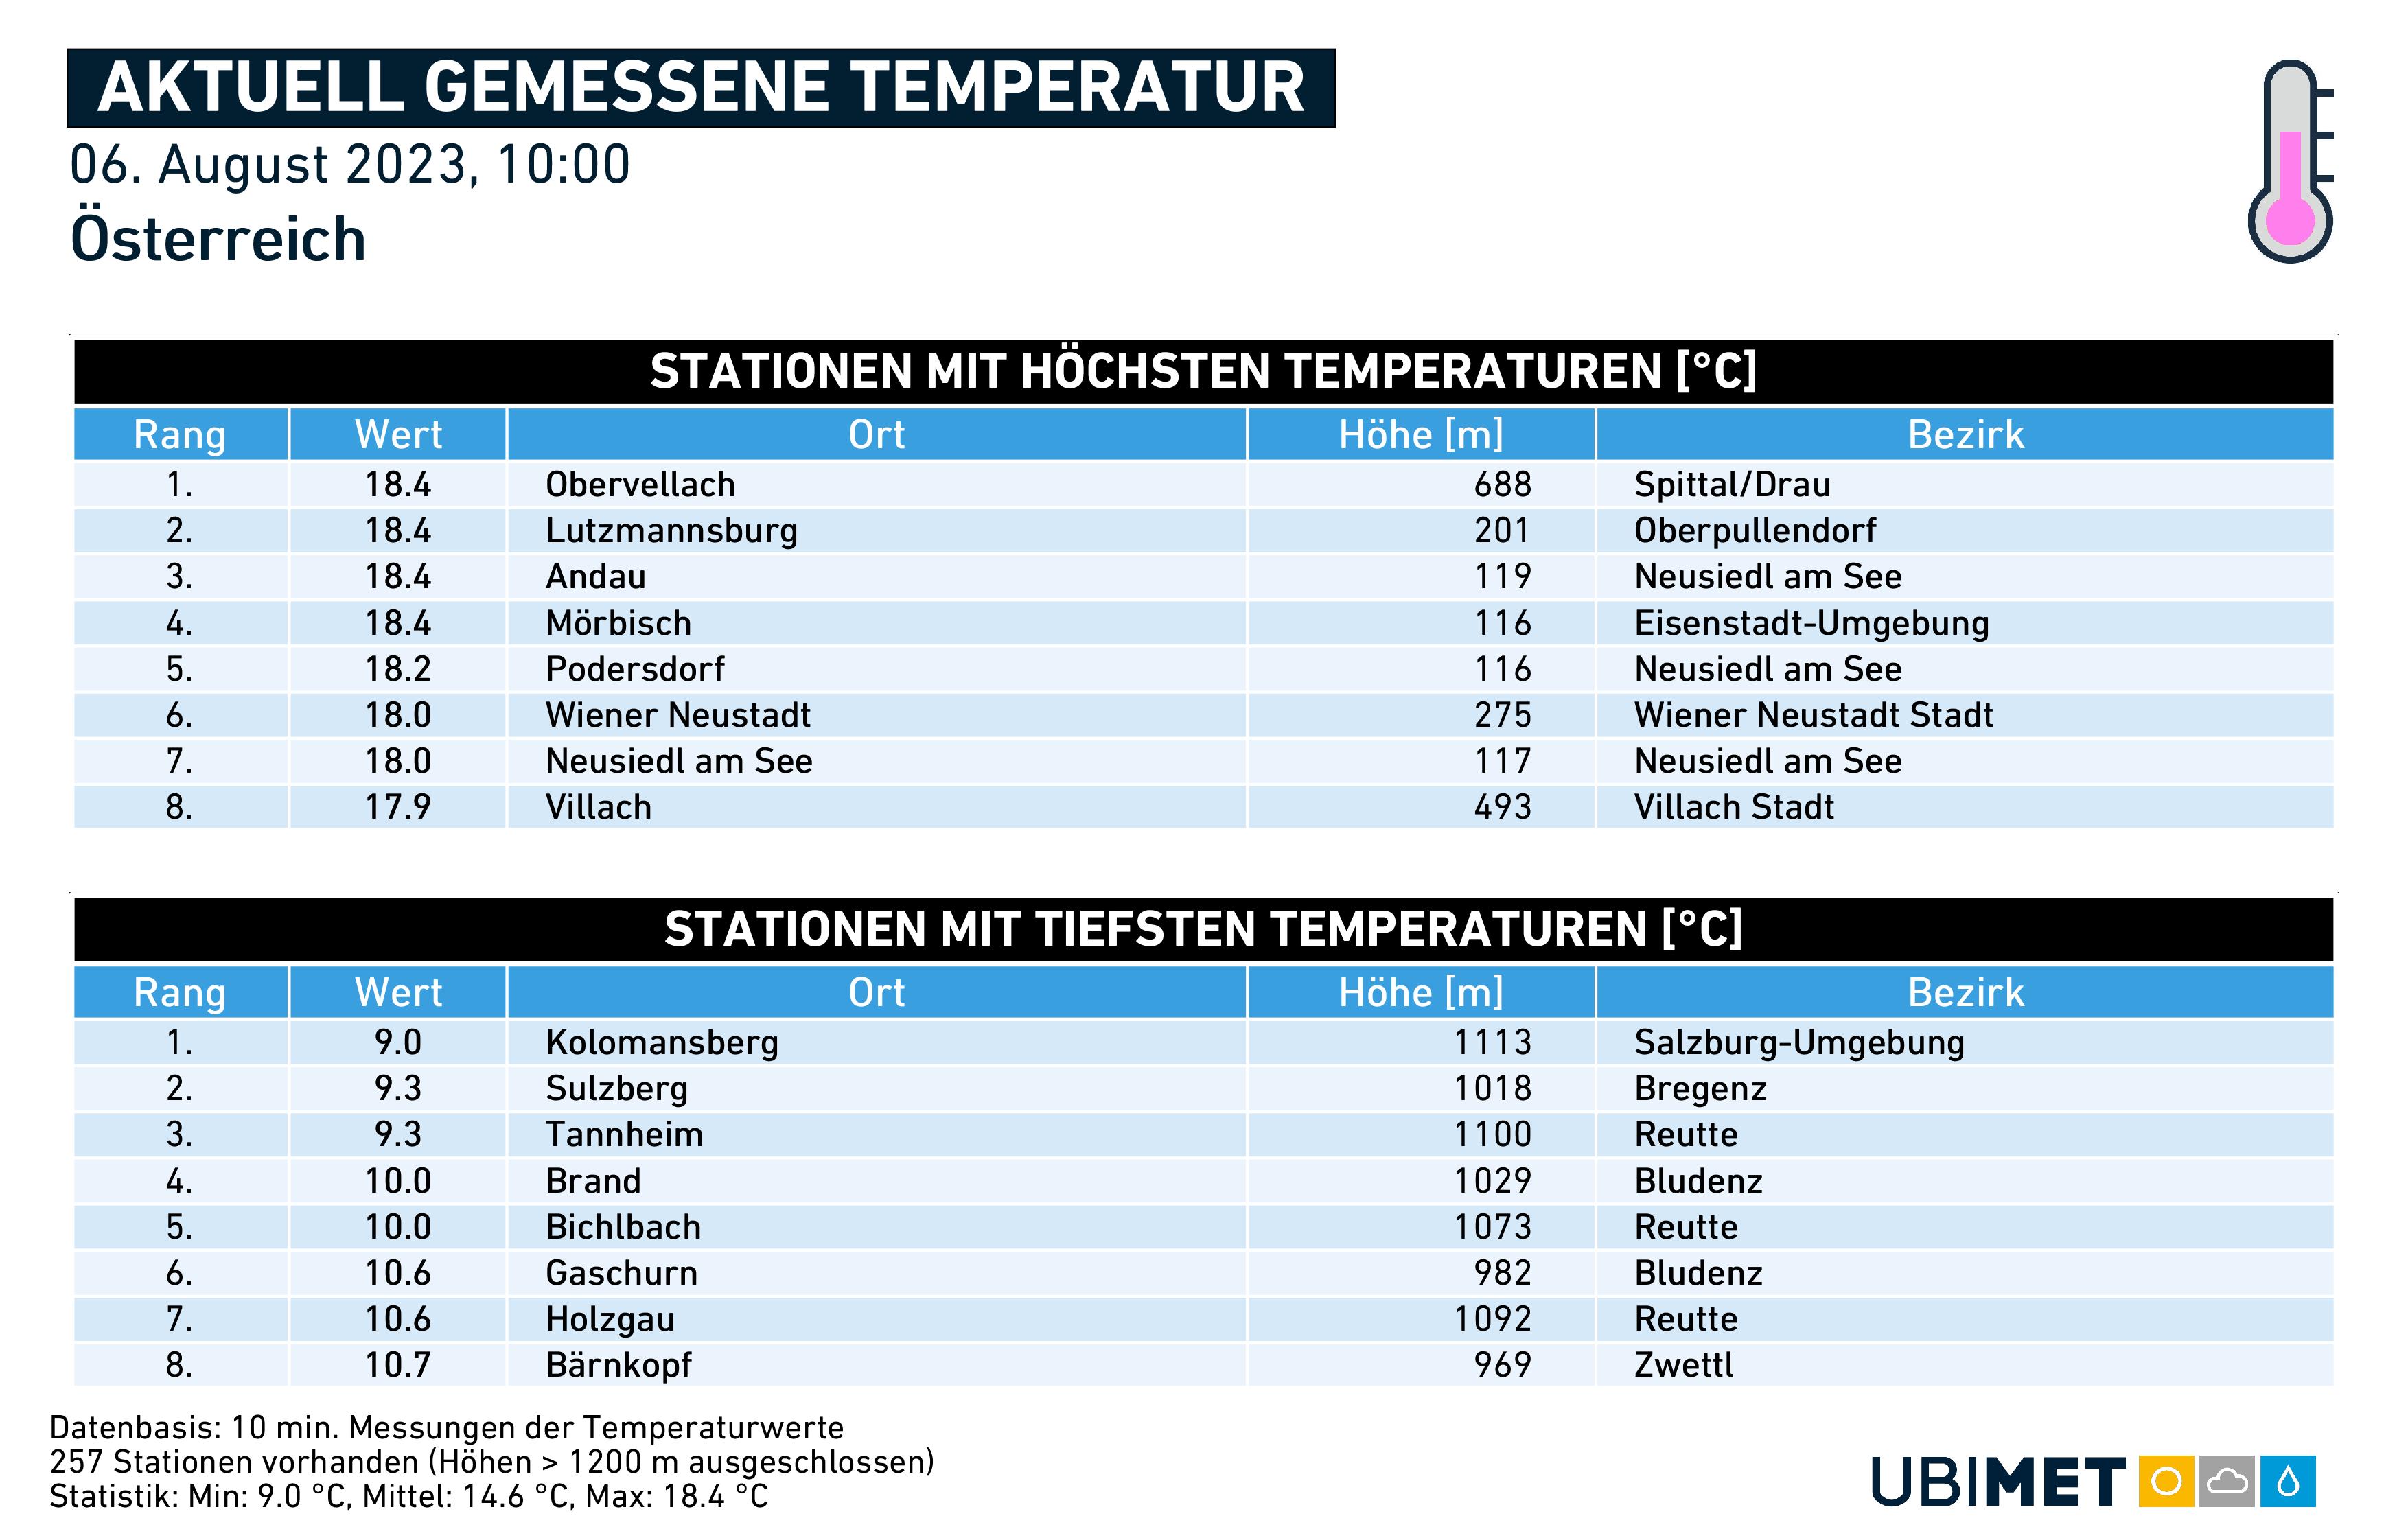 Wetter bzw. Temperatur jetzt in Wien, Graz, Linz, Innsbruck, Salzburg, Bregenz, Klagenfurt, St. Pölten